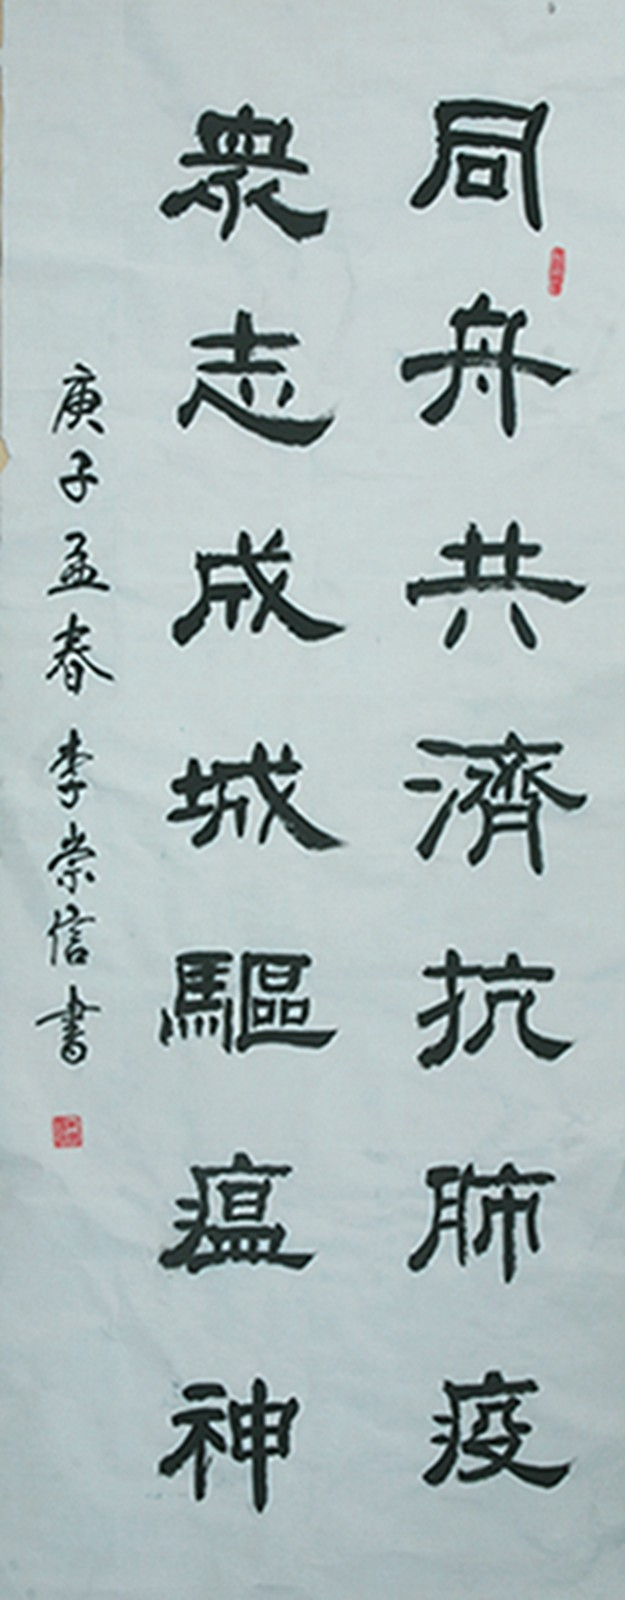 李崇信.jpg